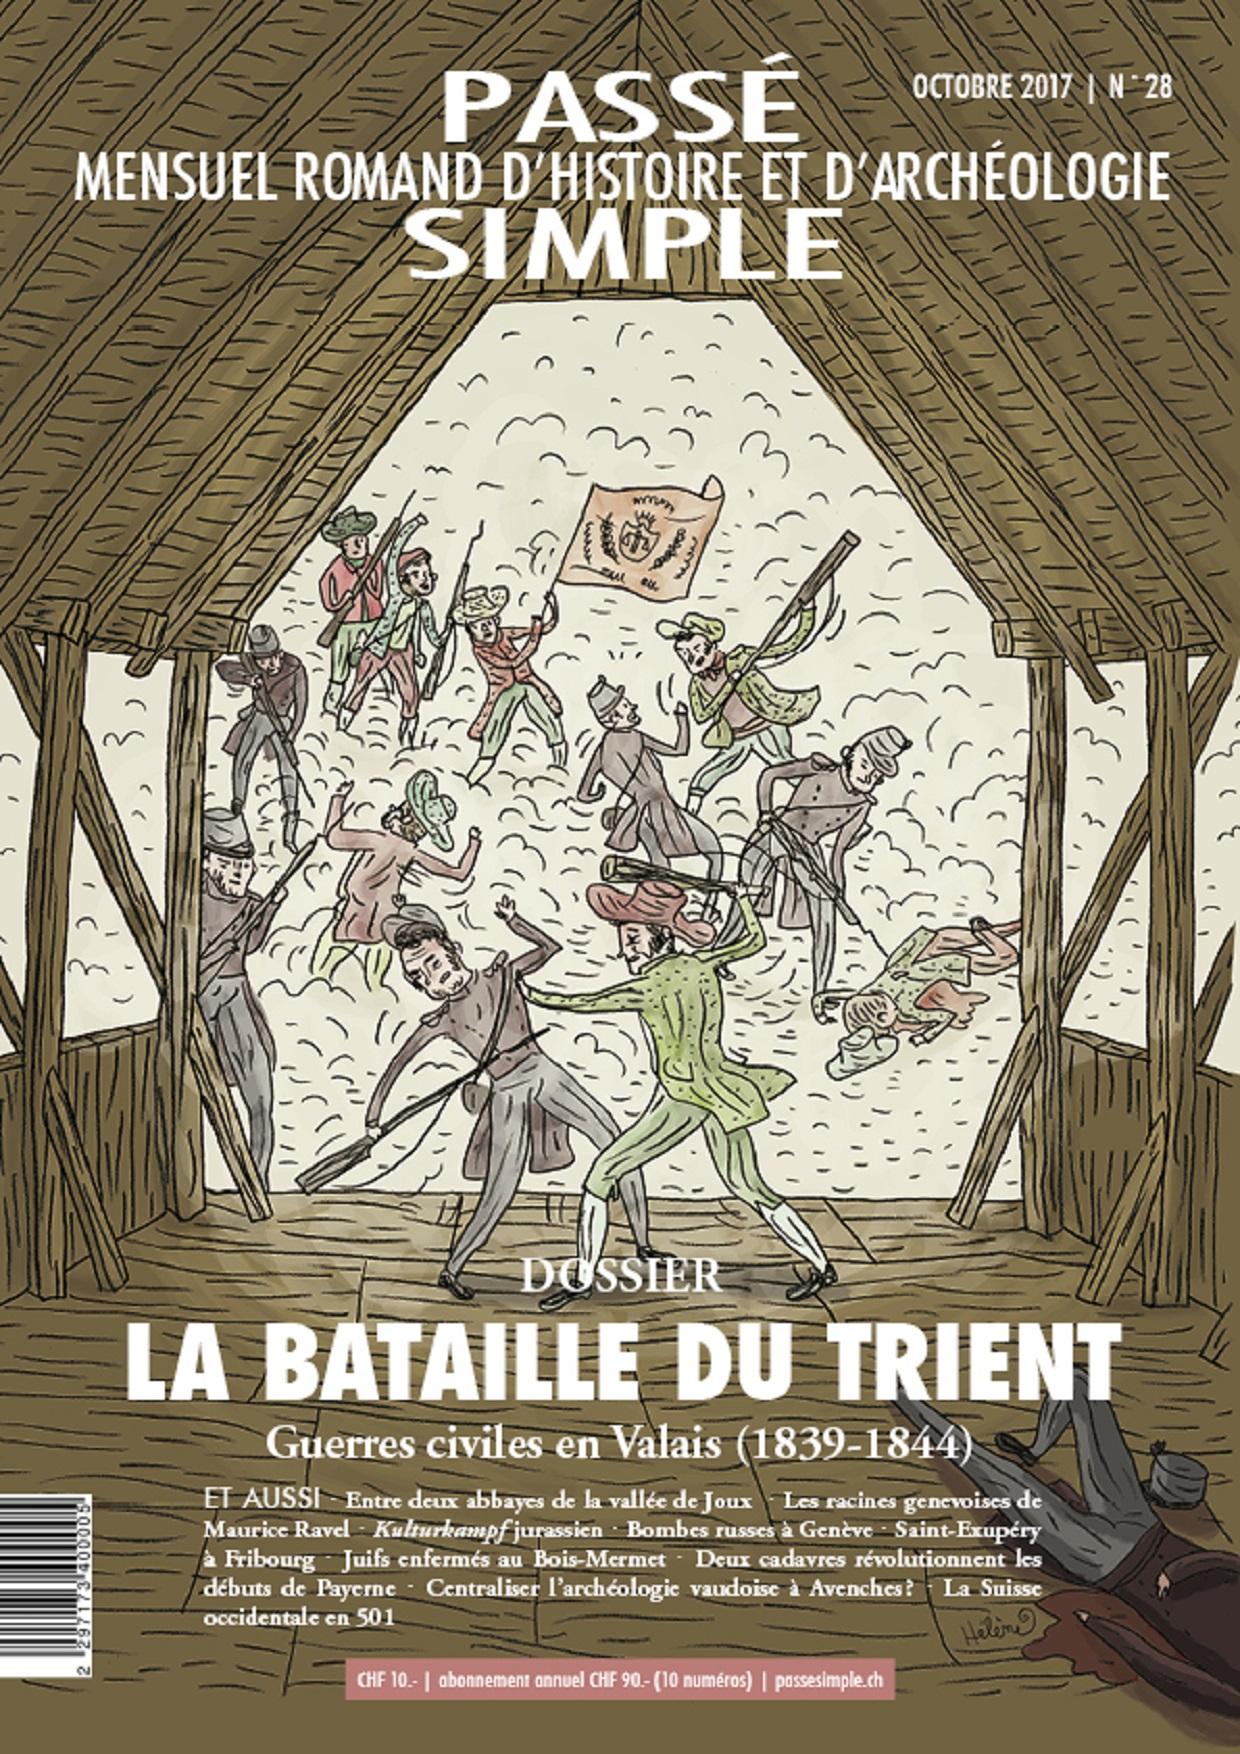 """""""La Bataille du Trient"""" dans Passé Simple, Mensuel Romand d'archéologie, Octobre 2017 No 28"""